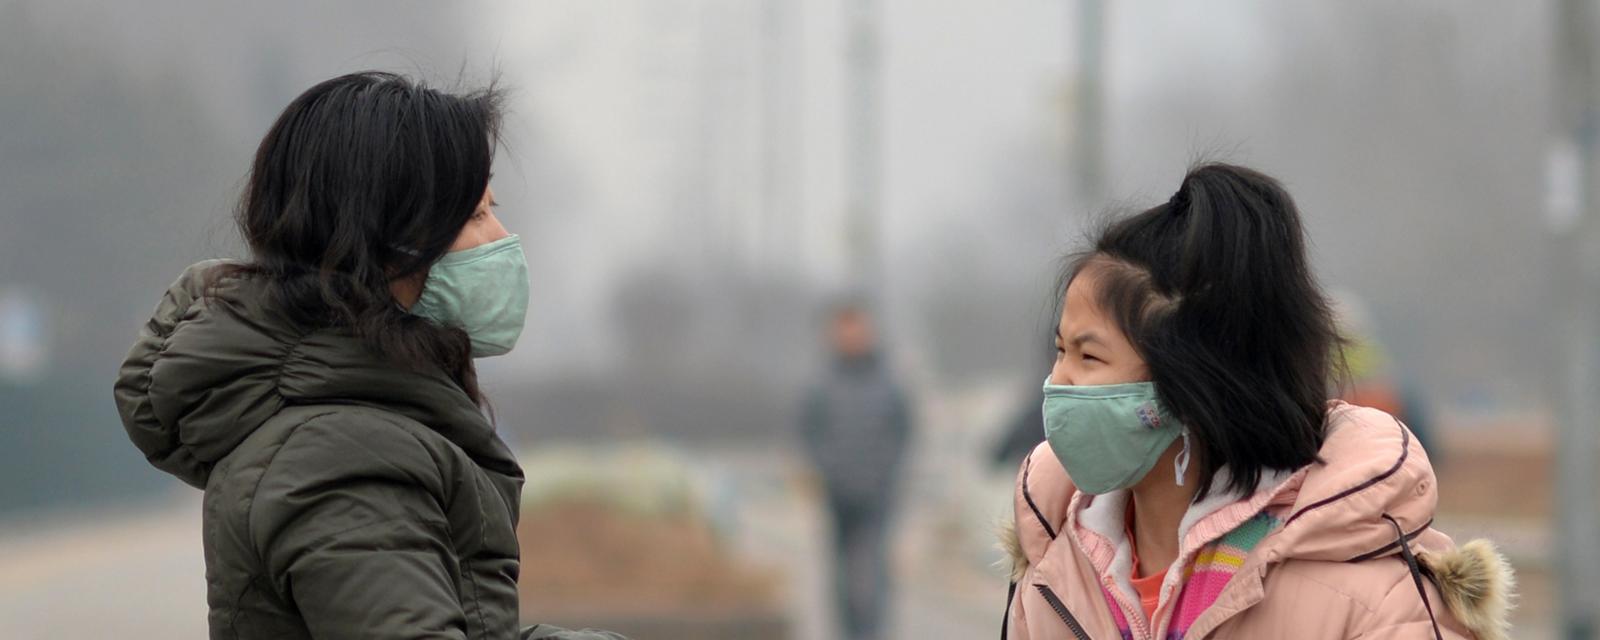 Return of 'airpocalypse': Beijing's expats flee smog - BBC Worklife